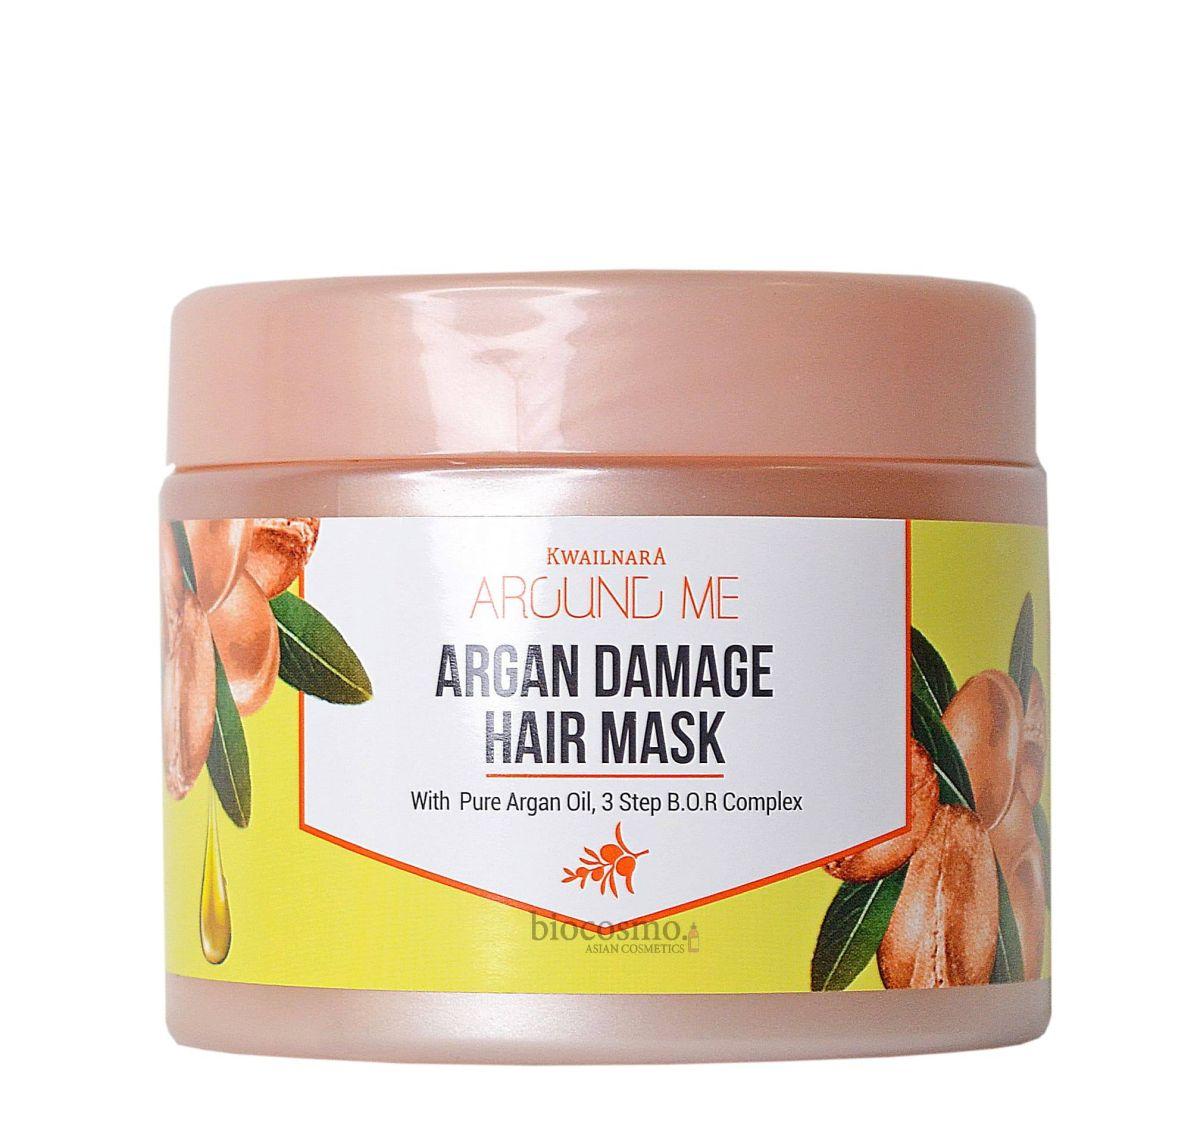 Маска для волос с аргановым маслом WELCOS Kwailnara Around Me Argan Damage Hair Mask - 300 мл